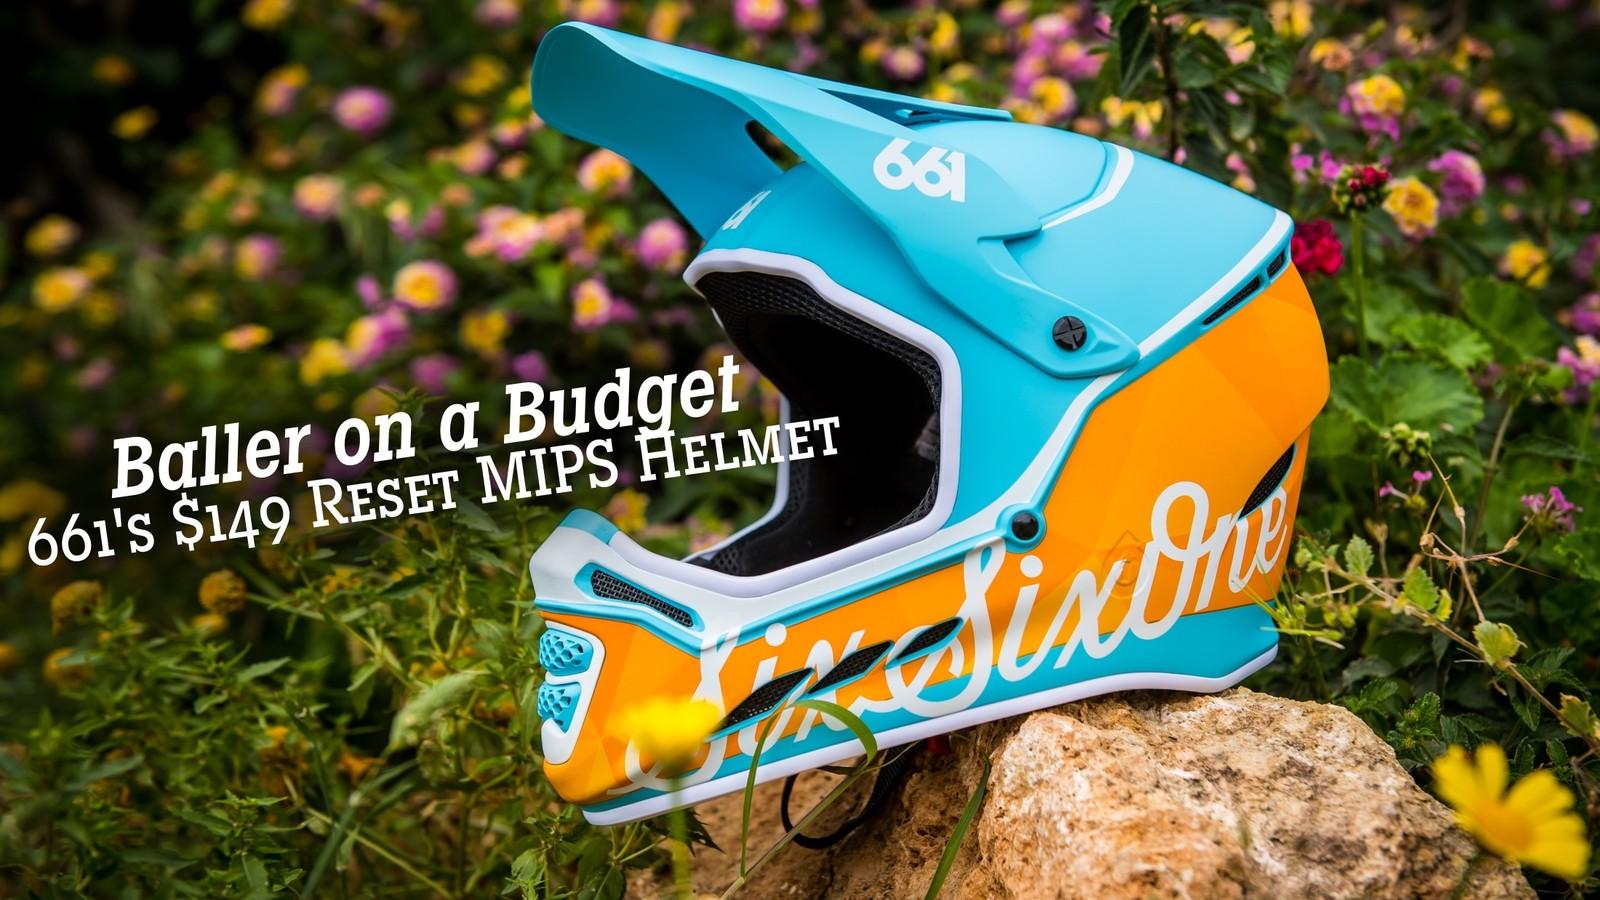 Baller on a Budget: 661's $149 Reset MIPS Helmet